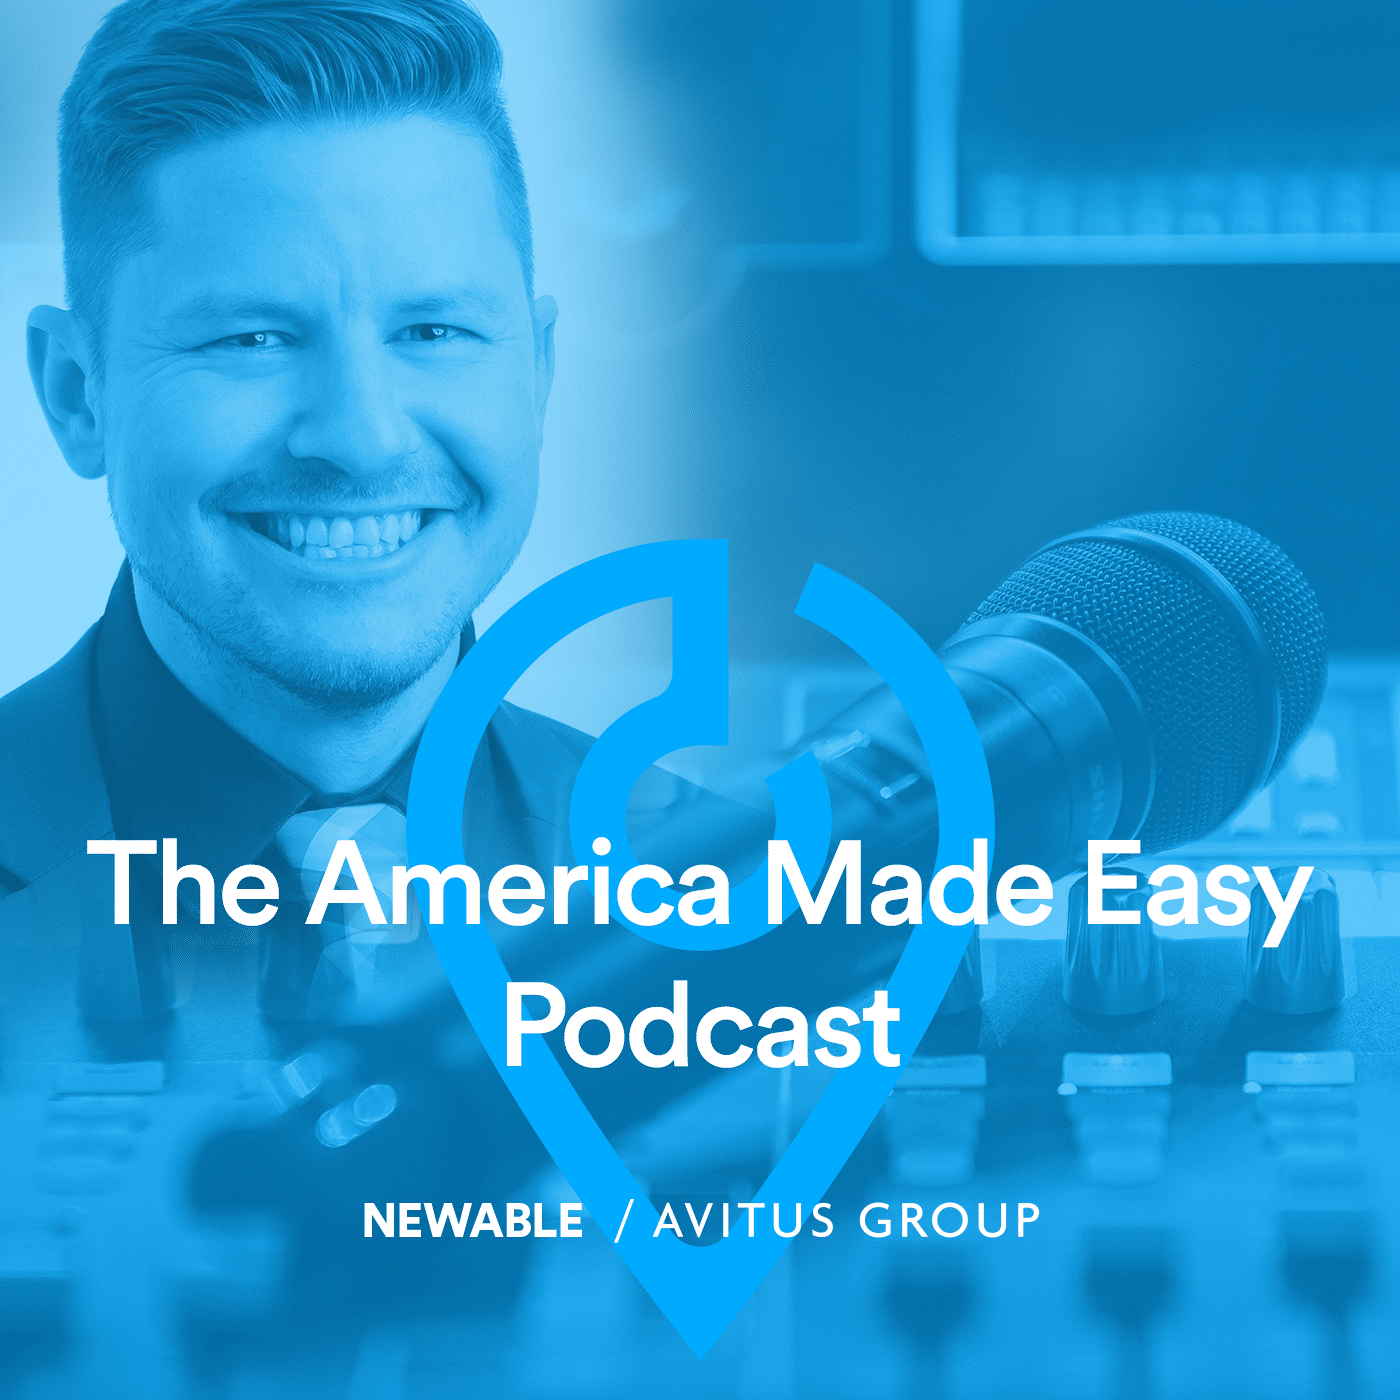 America Made Easy Podcast - Alex Mozota